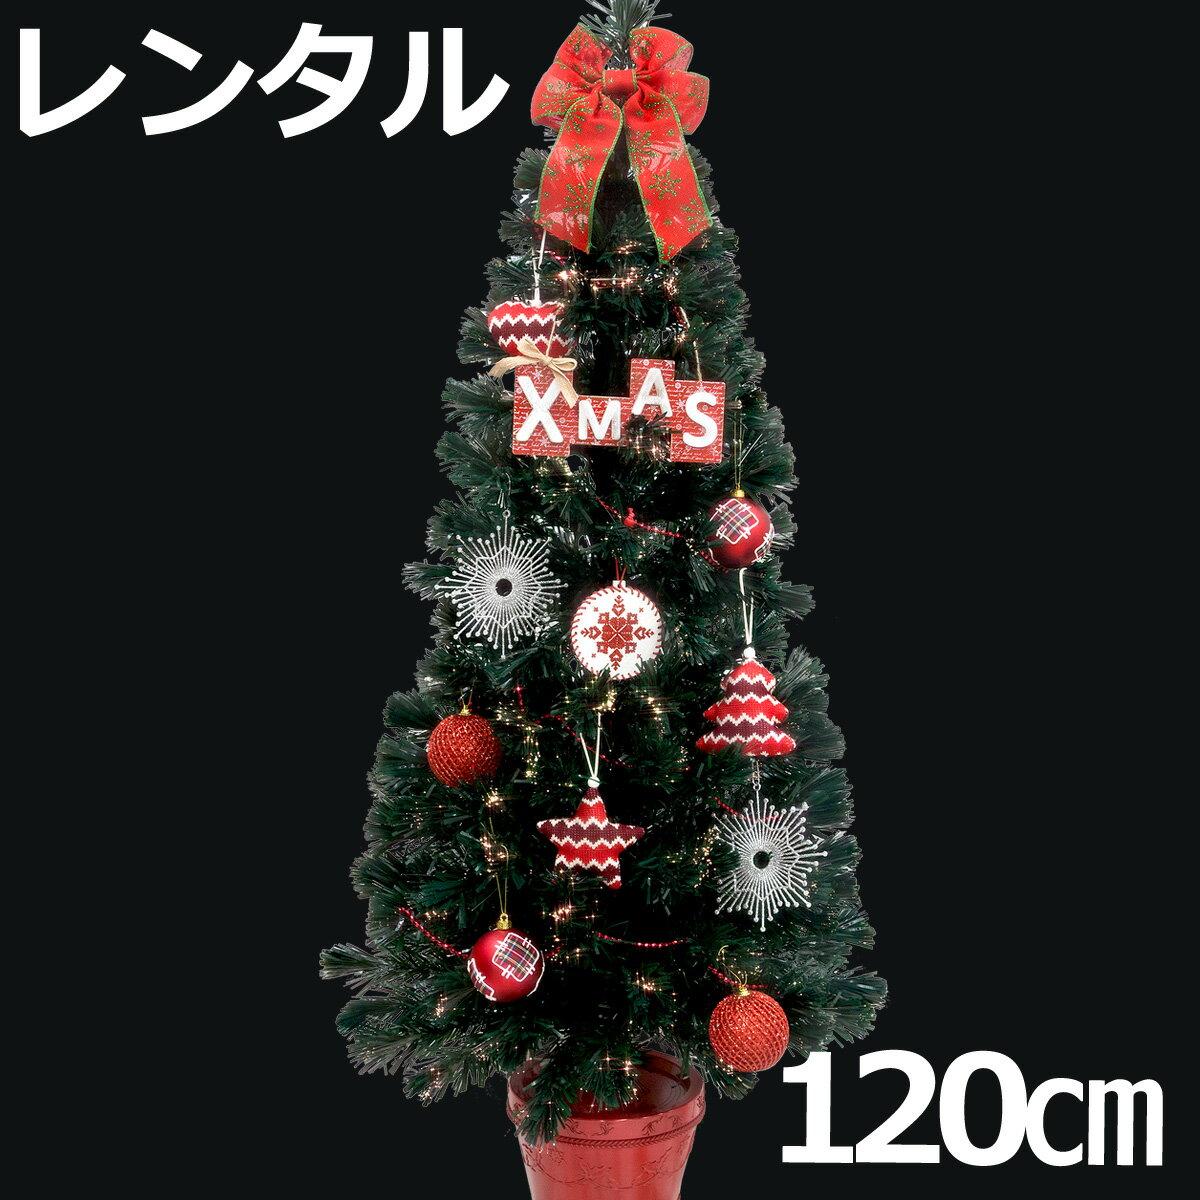 【レンタル】 120cm LEDファイバーセットツリー レッド LED USBアダプター 【往復 送料無料】 クリスマスツリー レンタル fy16REN07